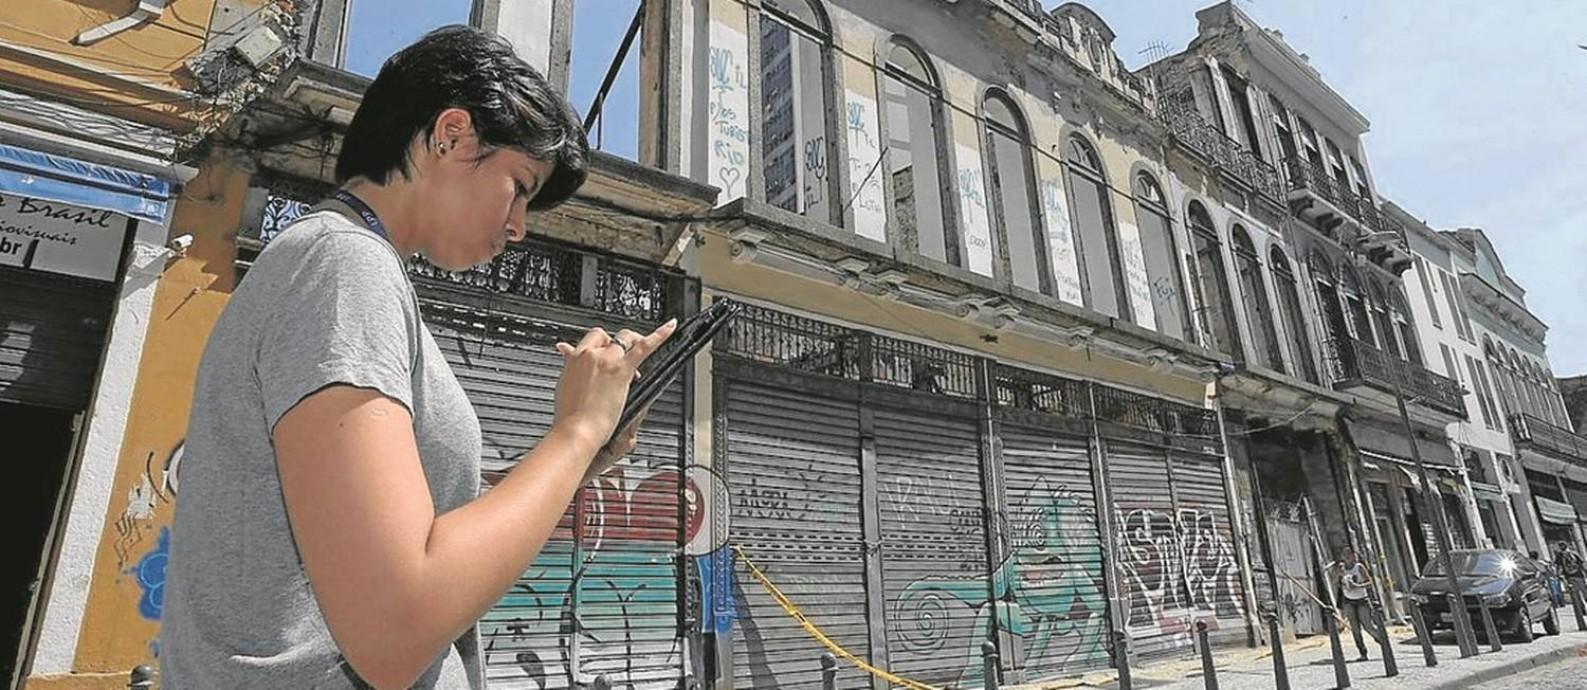 Pesquisadora usa tablet para registrar imóveis em rua do Centro: expectativa é mapear 4.700 endereços em três meses Foto: Domingos Peixoto / Agência O Globo